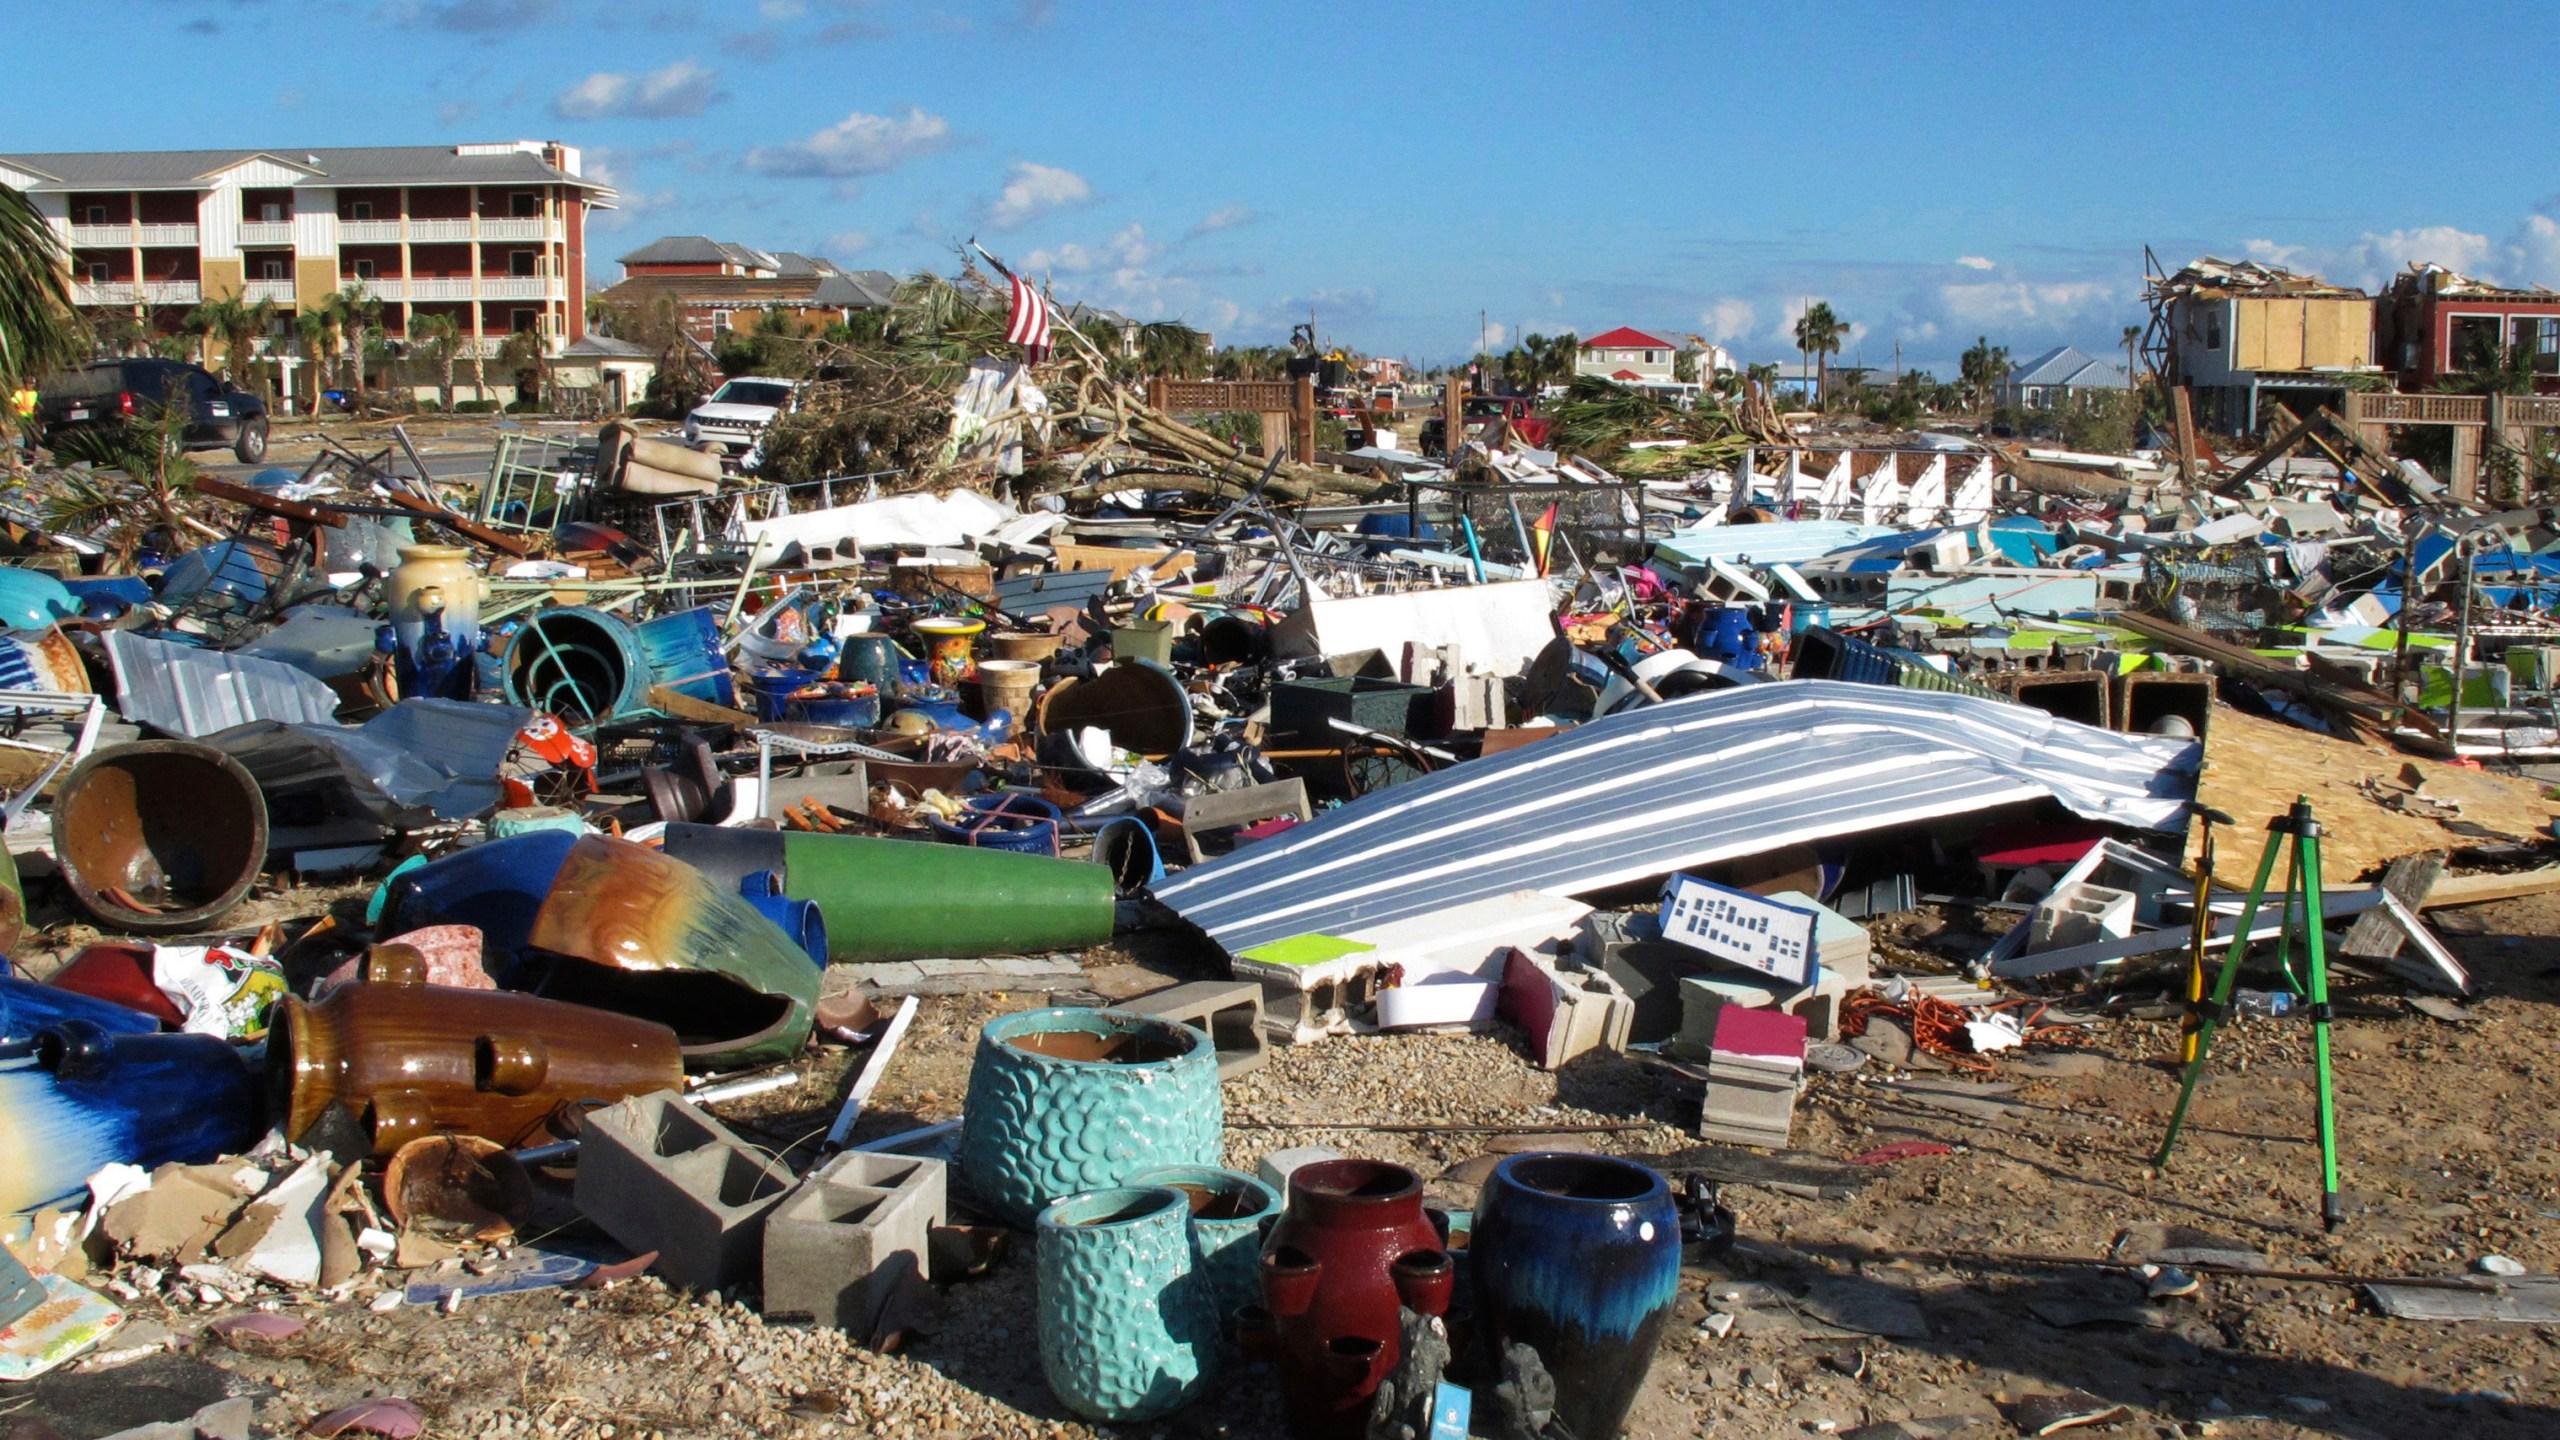 Hurricane_Michael_Broken_Beach_13186-159532.jpg00639815